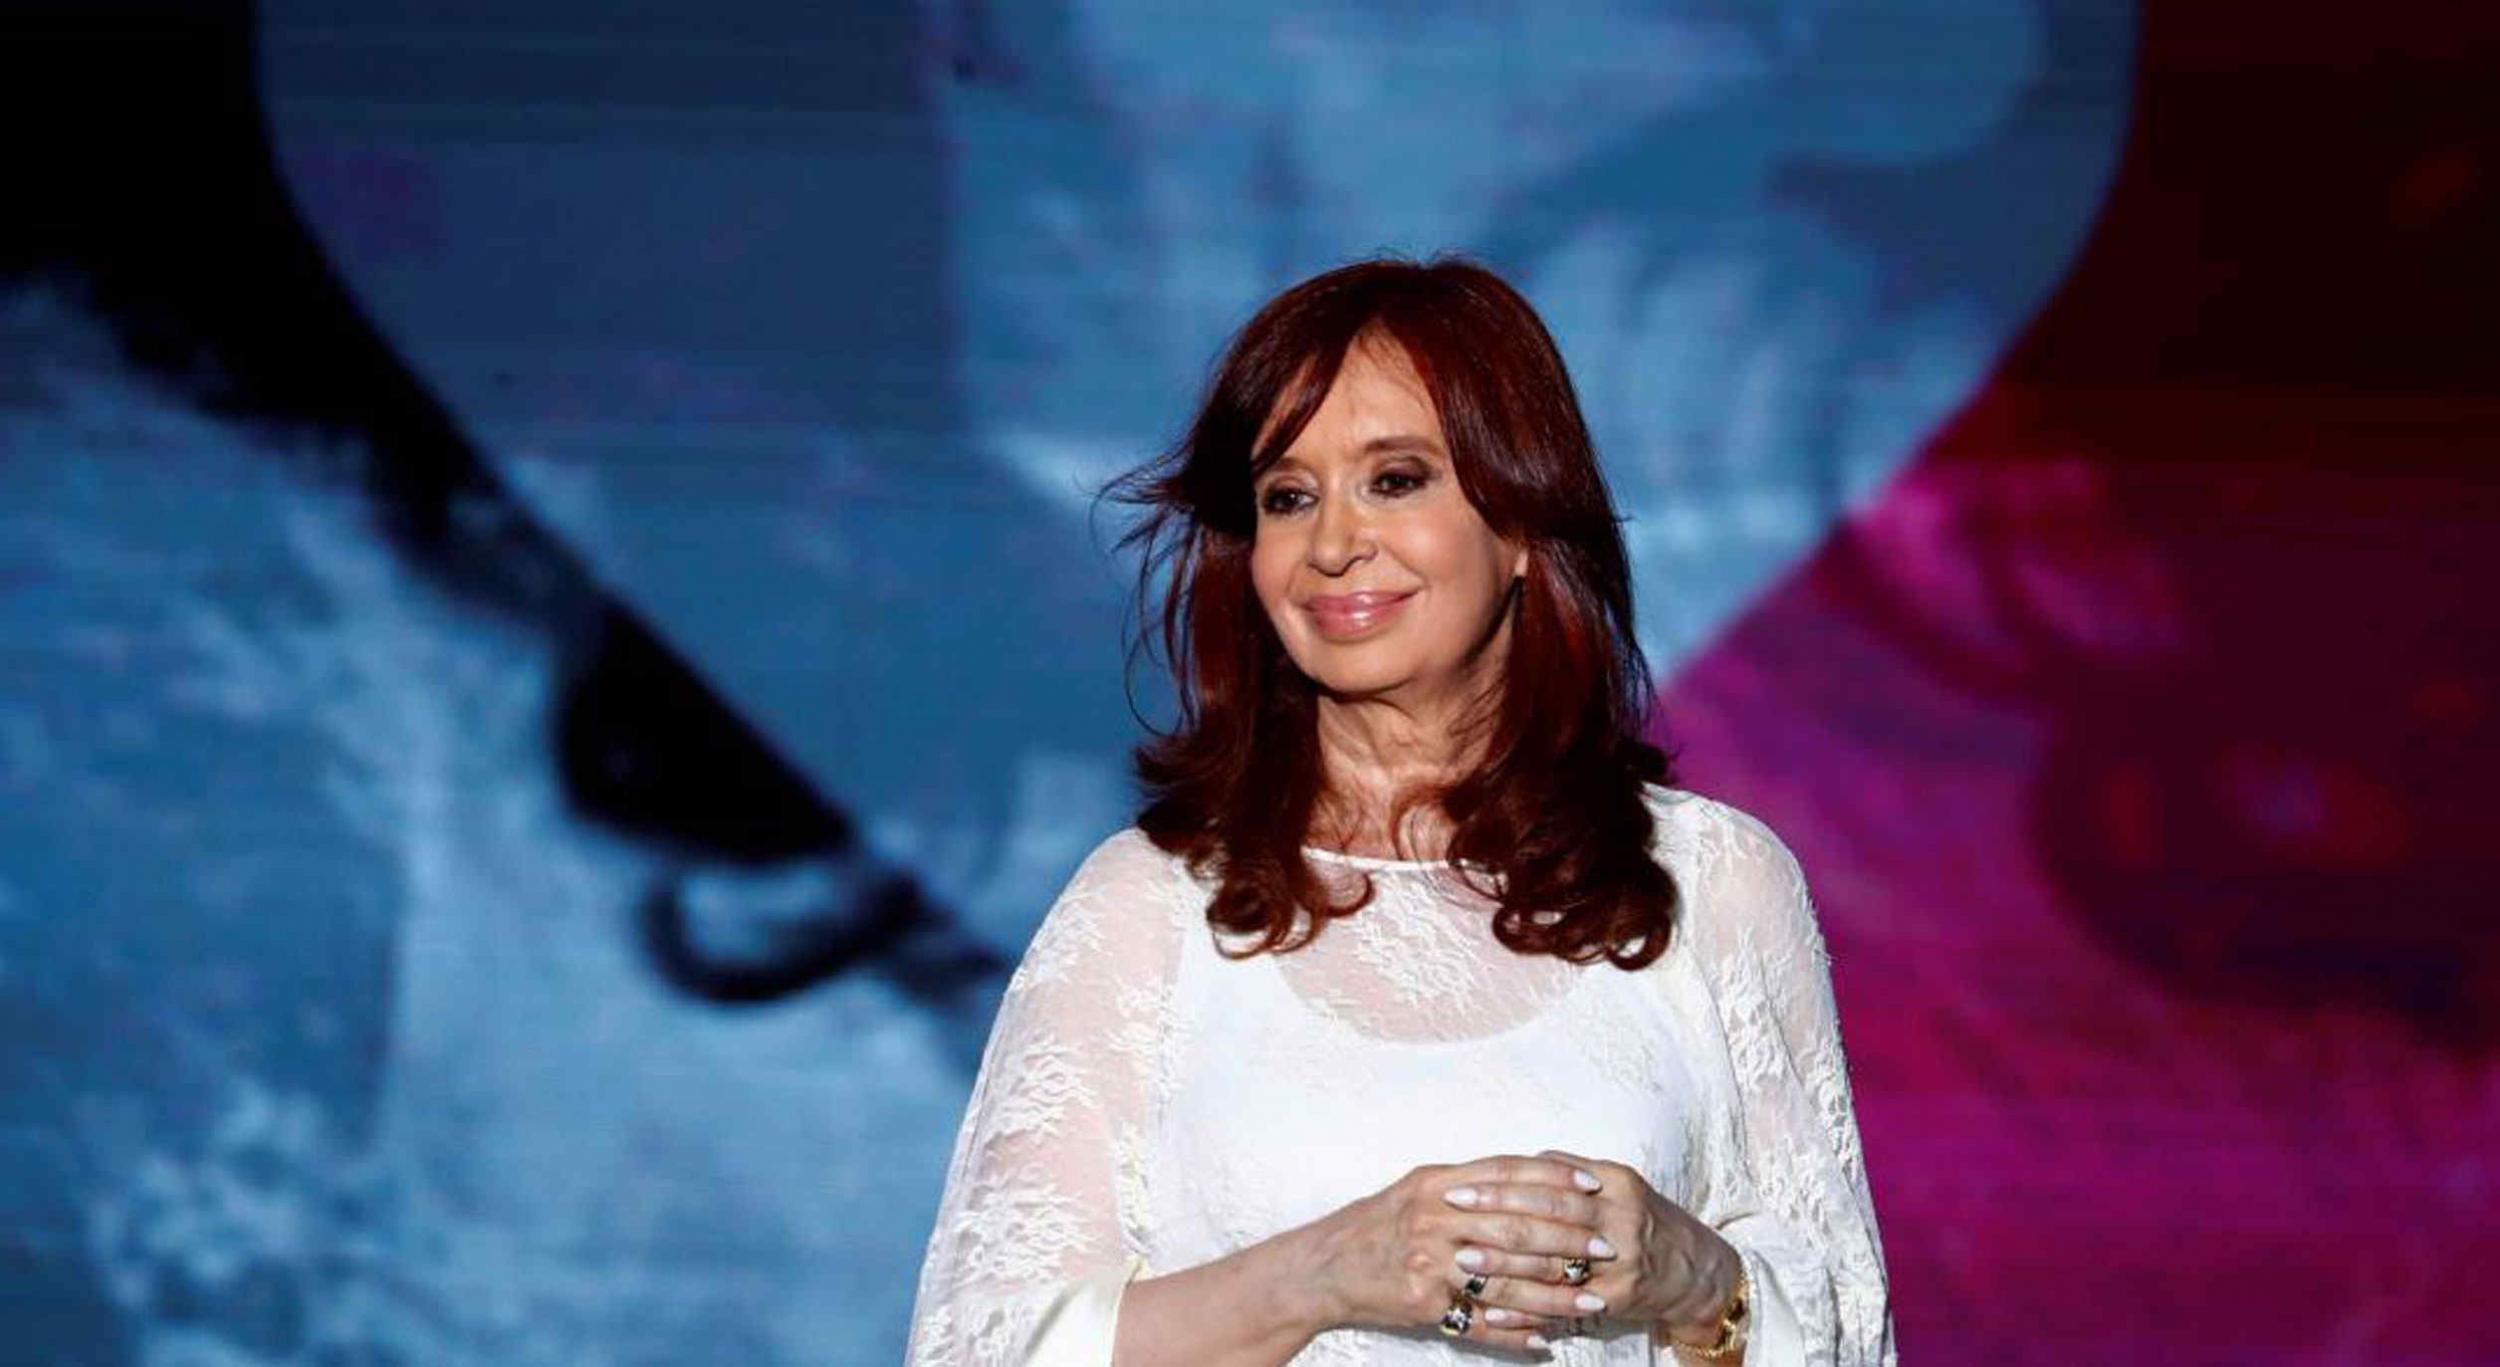 Tras el pedido de Cristina Kirchner, retiran el vallado del Congreso